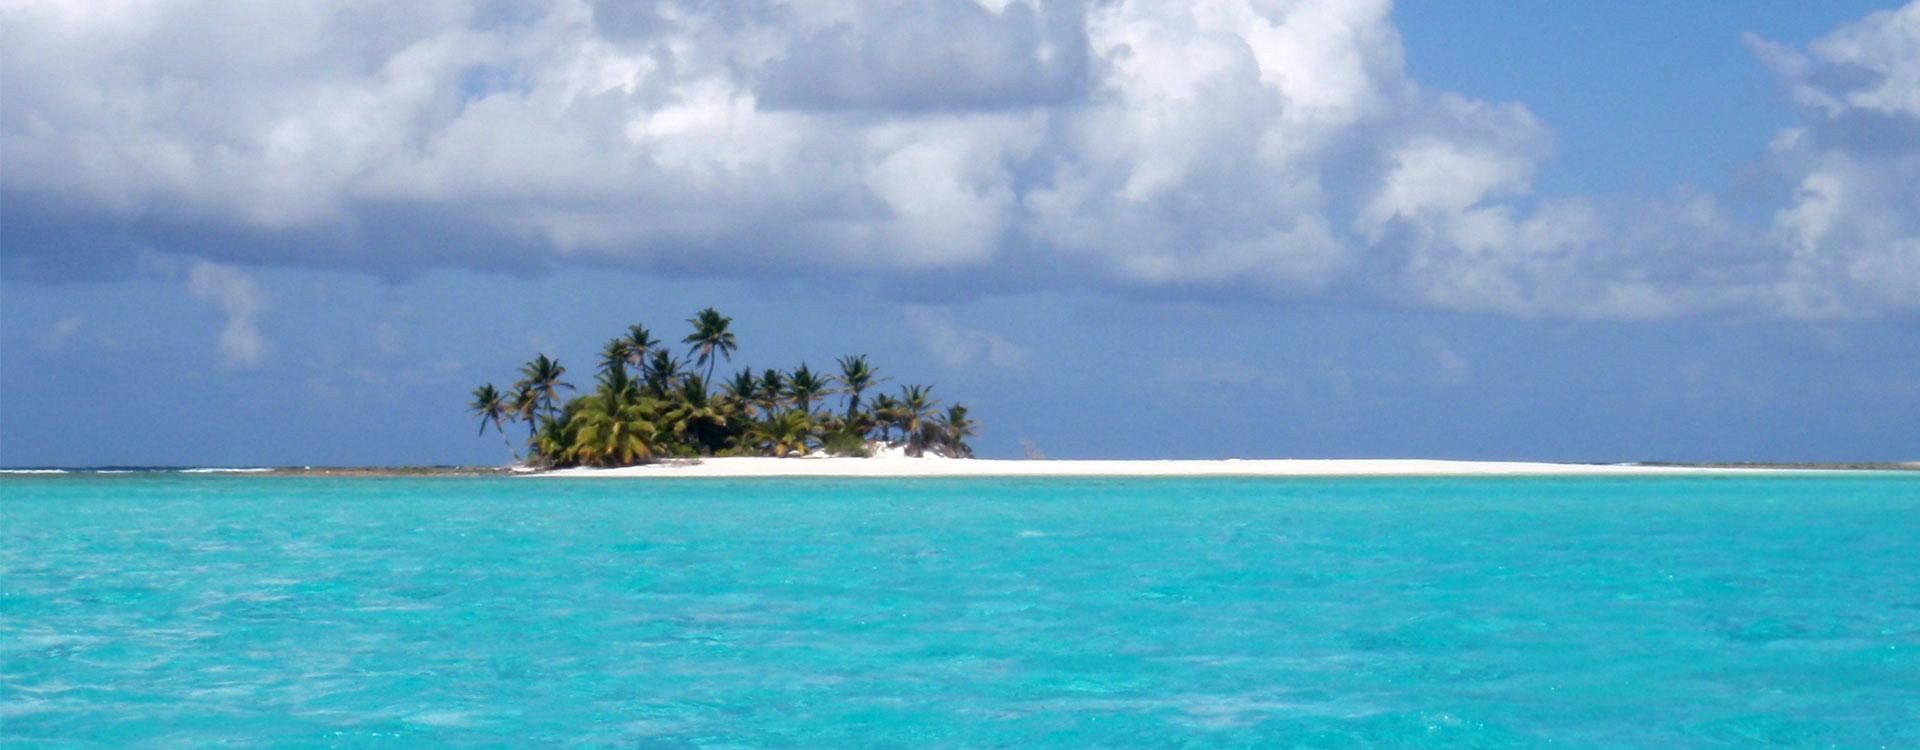 Location d'un bateau sans équipage 7